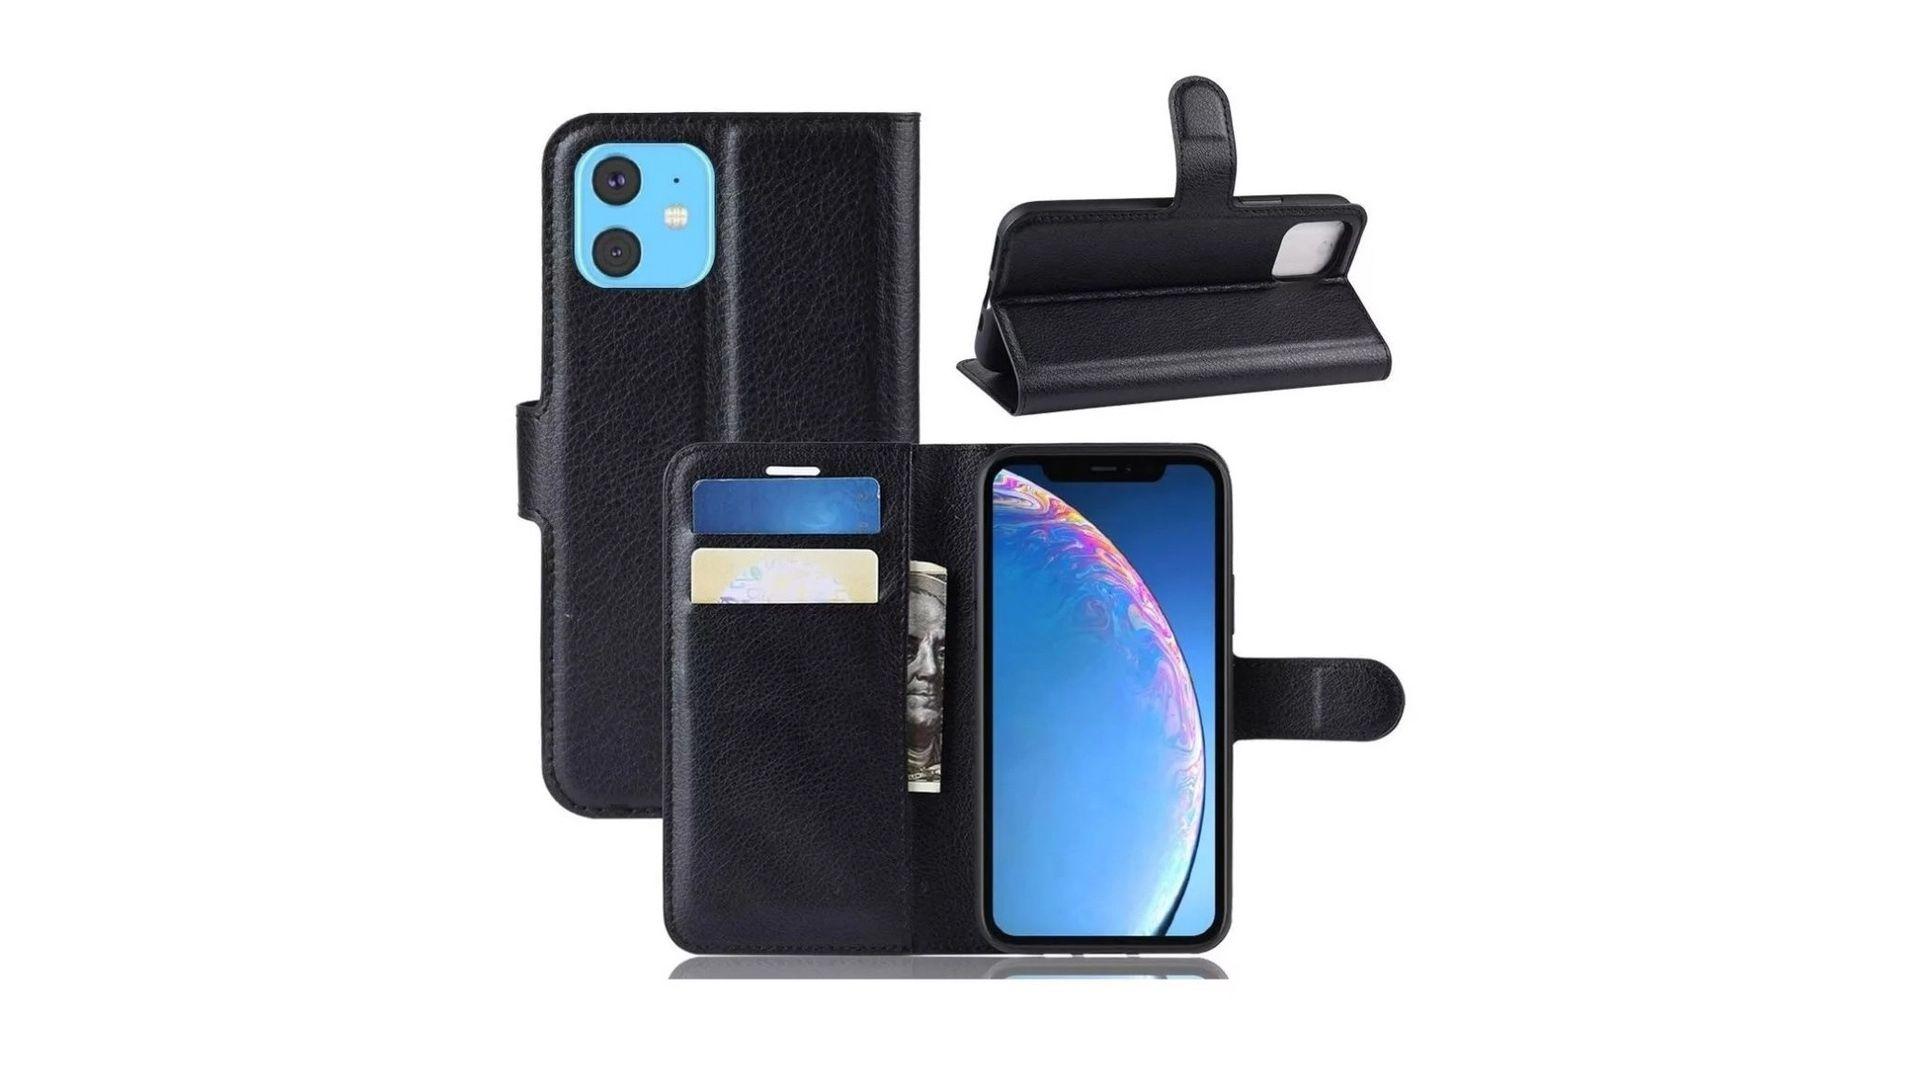 Capa-carteira para iPhone 11 permite guardar dinheiro e cartões junto ao celular. (Imagem: Reprodução)